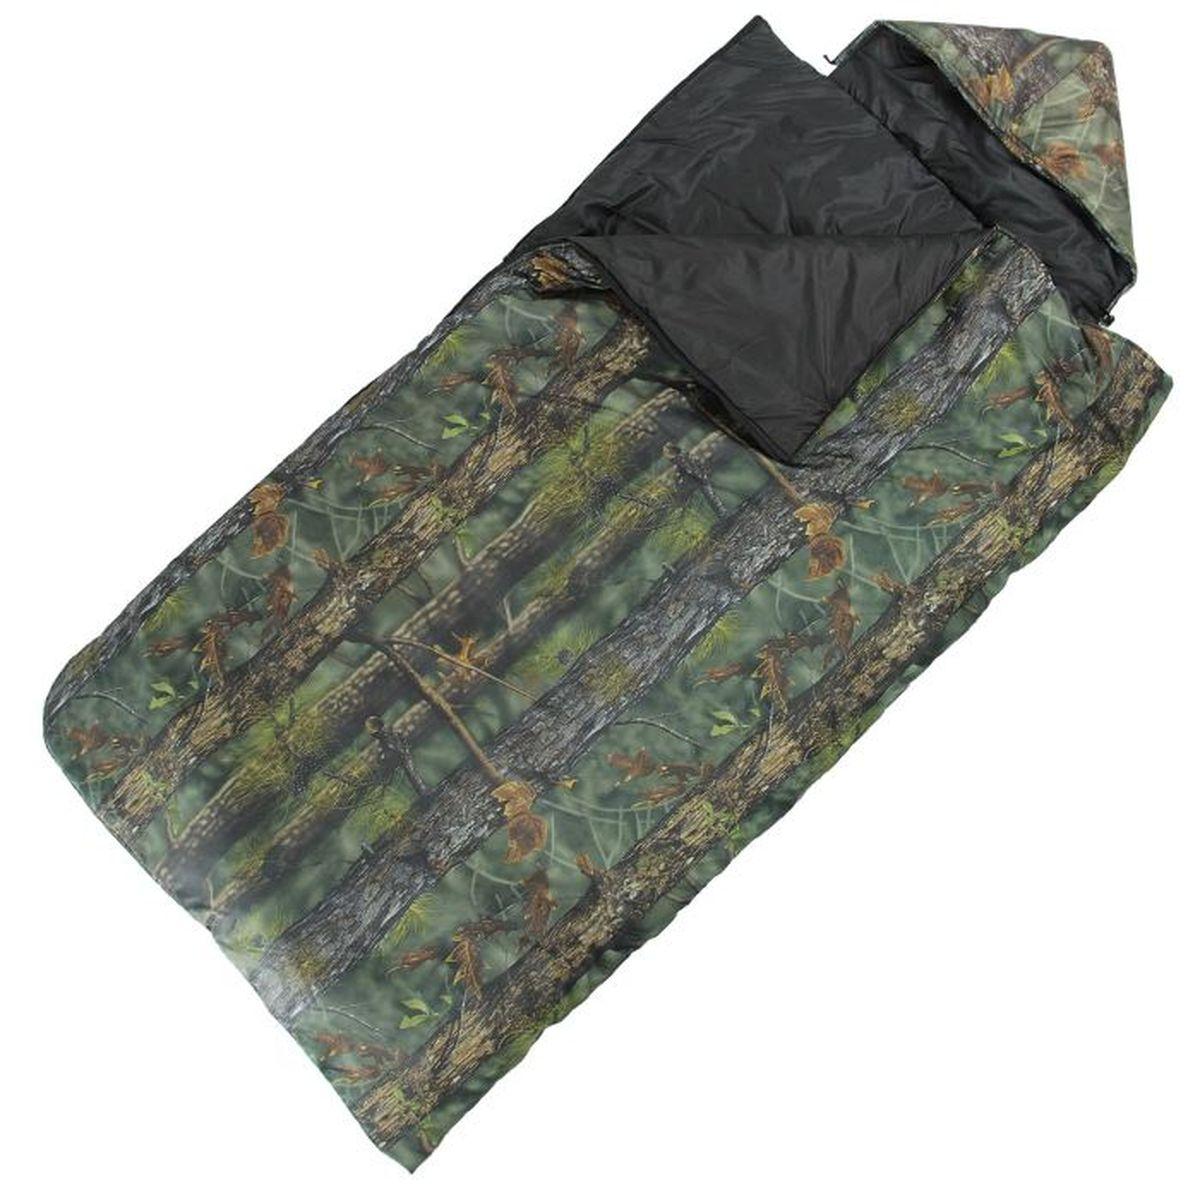 Мешок спальный Onlitop  Богатырь , цвет: хаки, правосторонняя молния. 915476 - Спальные мешки